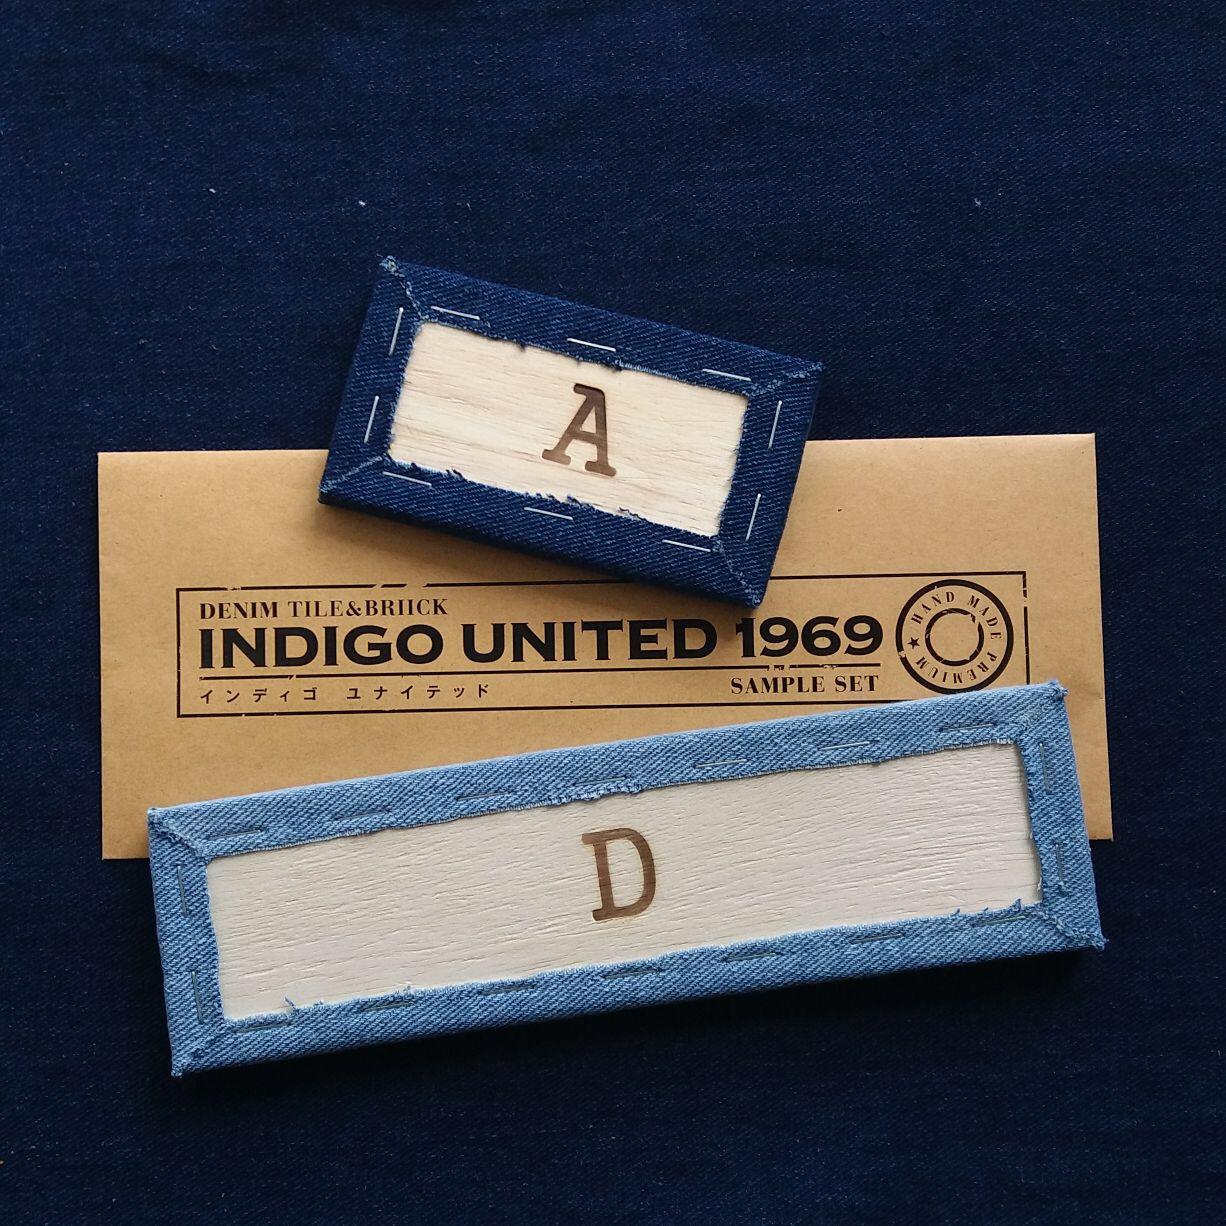 デニムタイル・indigounited1969・インディゴユナイテッド1